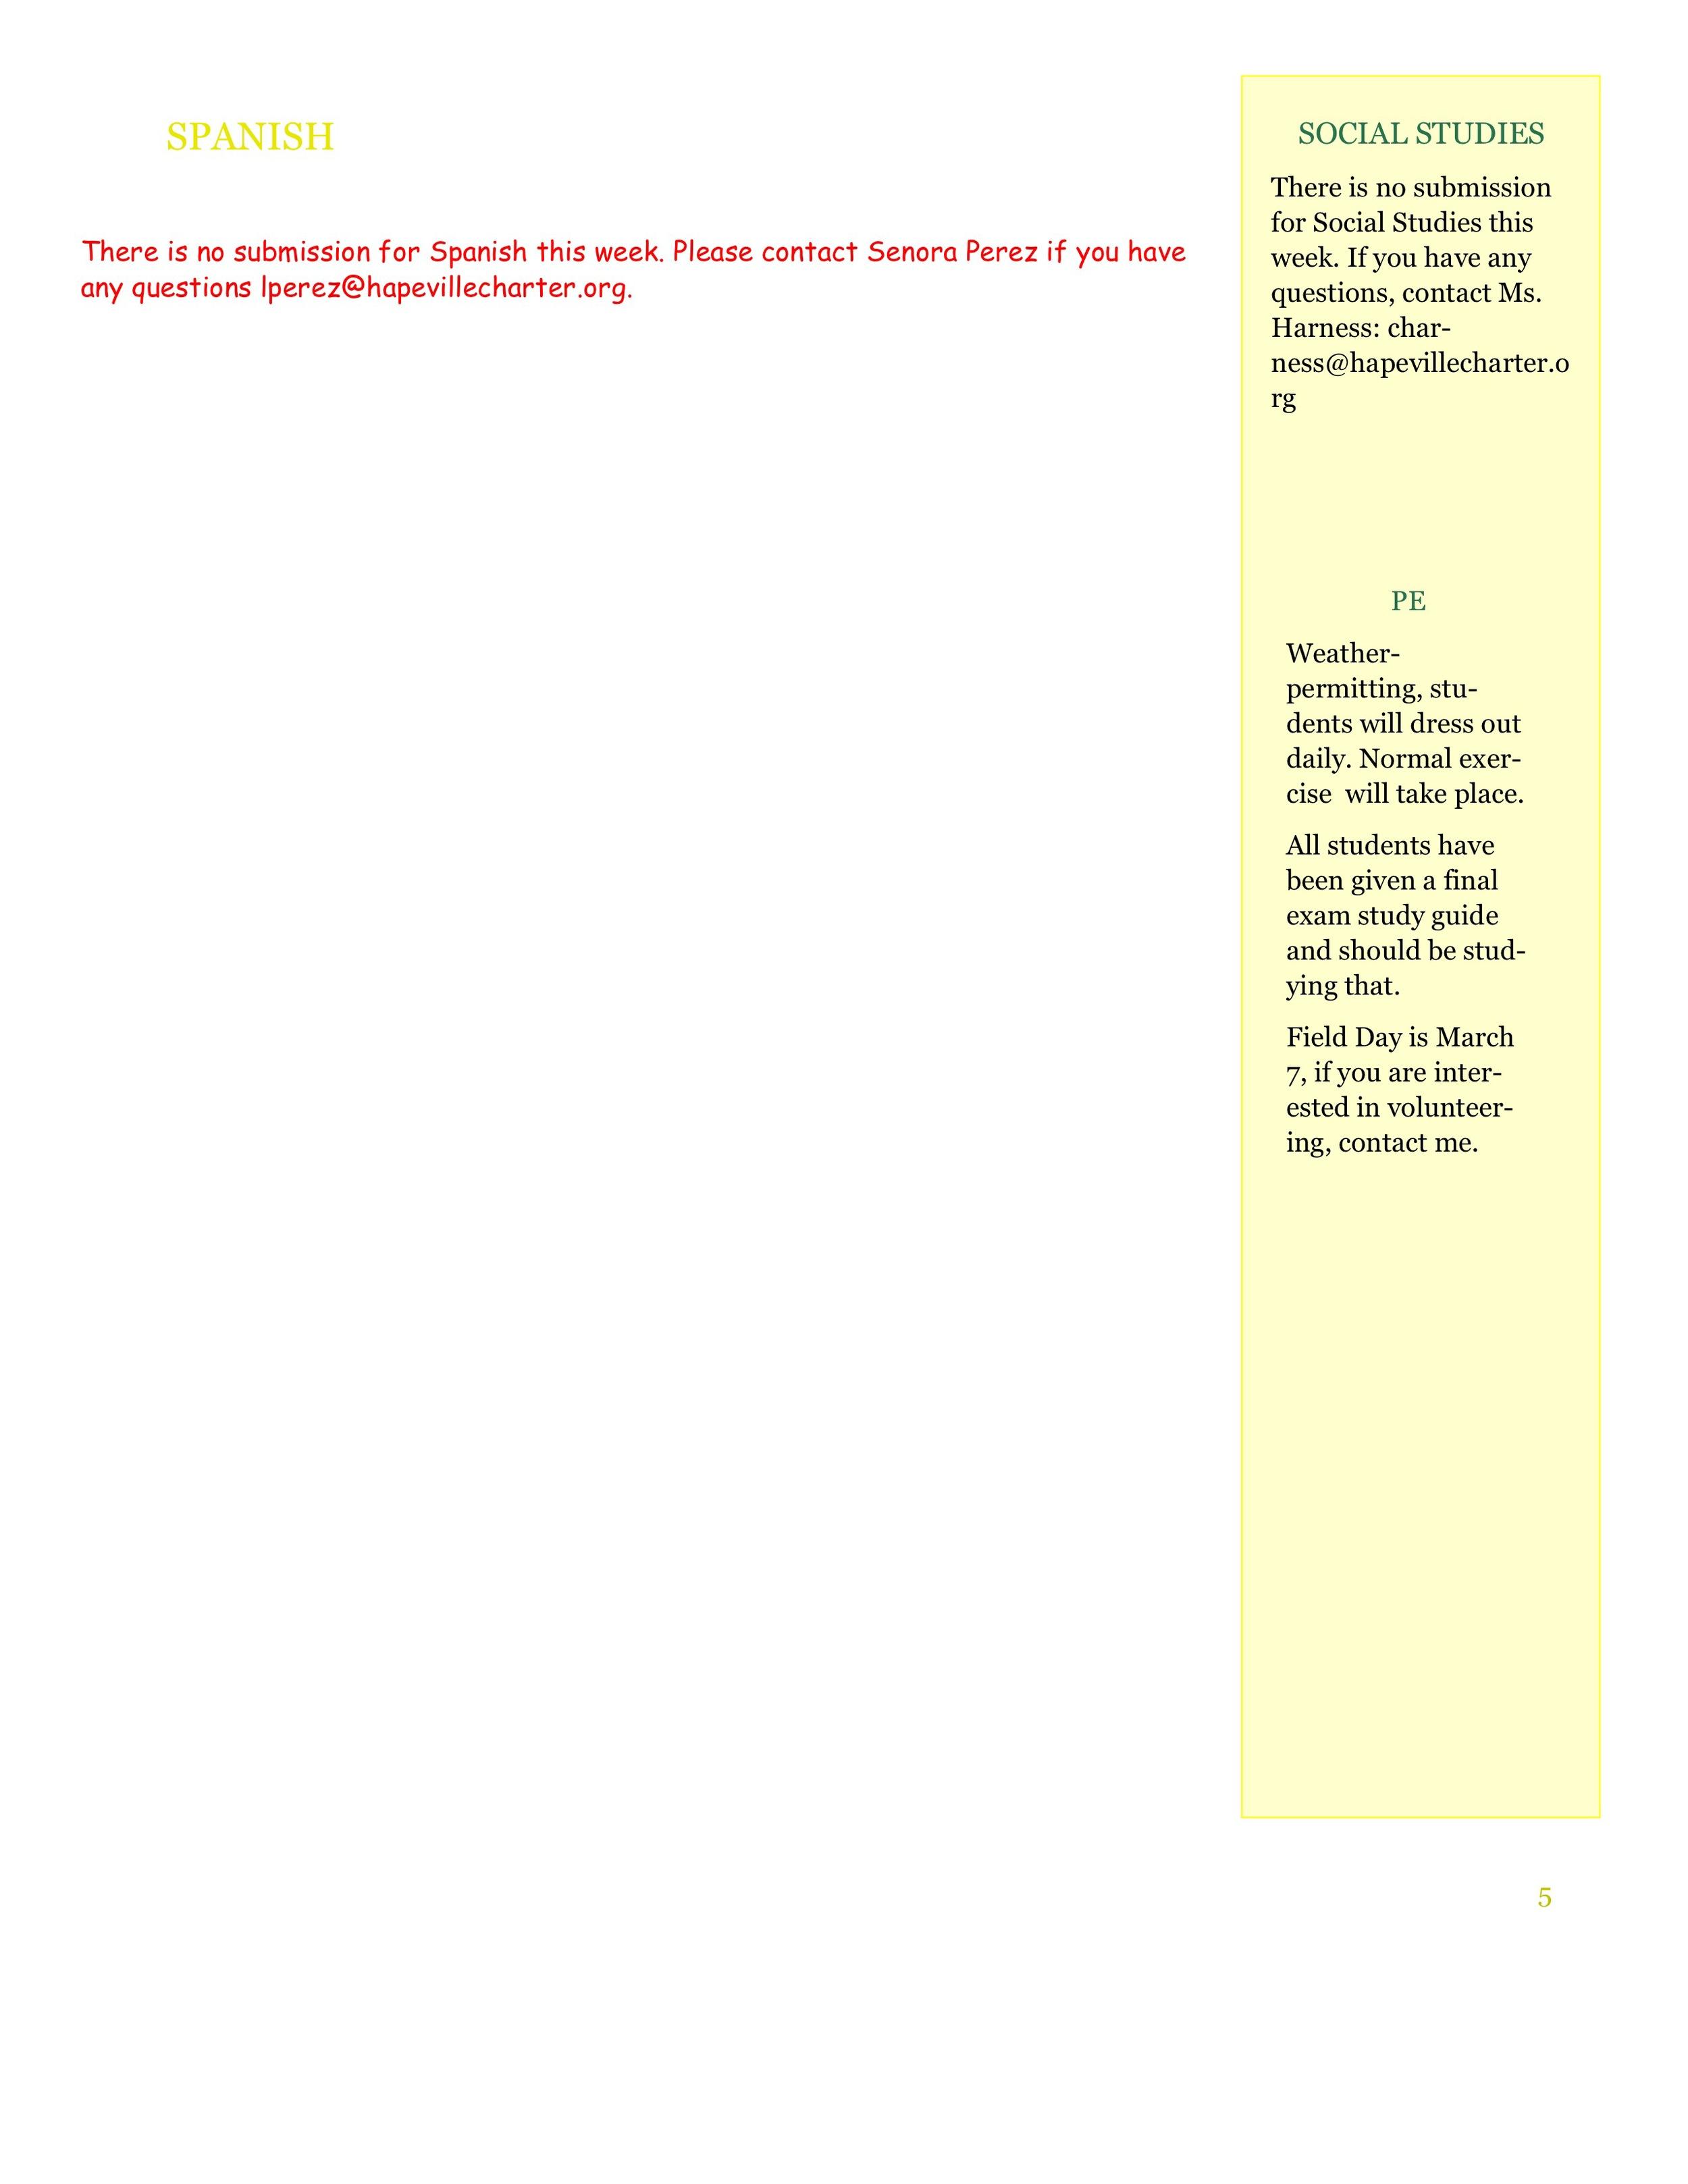 Newsletter Image6th grade April 27 5.jpeg